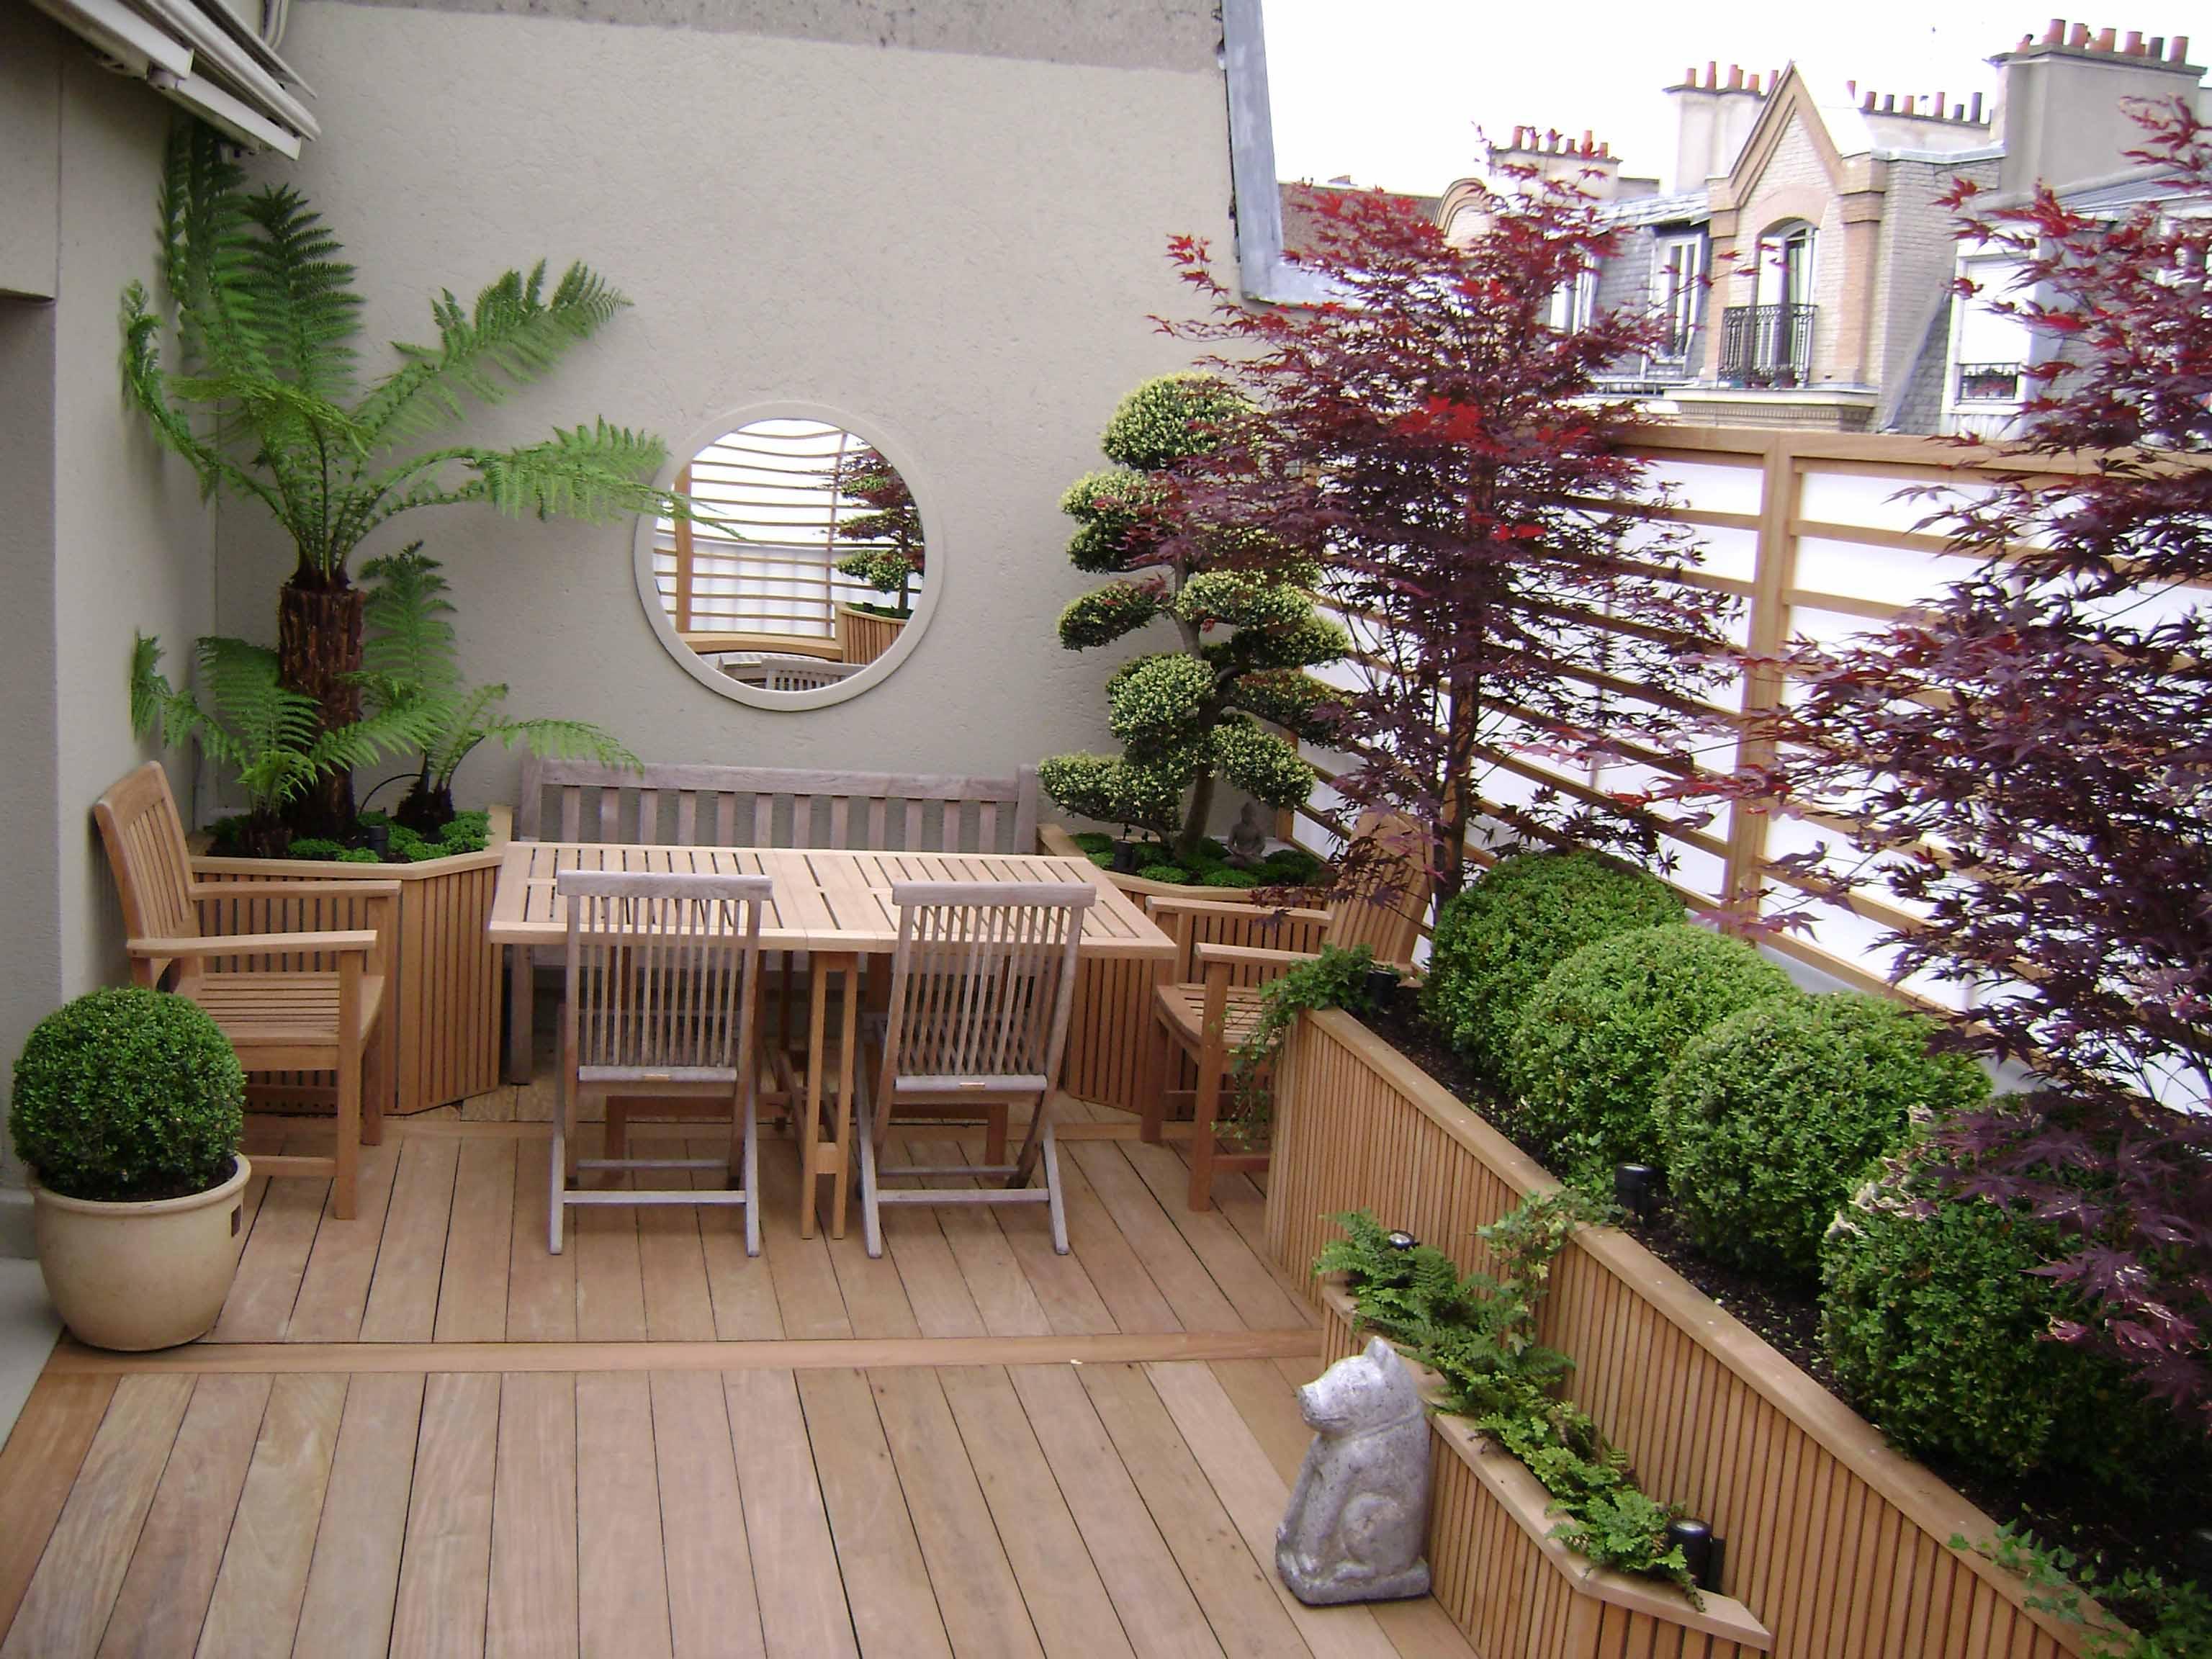 Comment Cacher Sa Terrasse comment décorer sa terrasse ? : que faire pour réussir sa